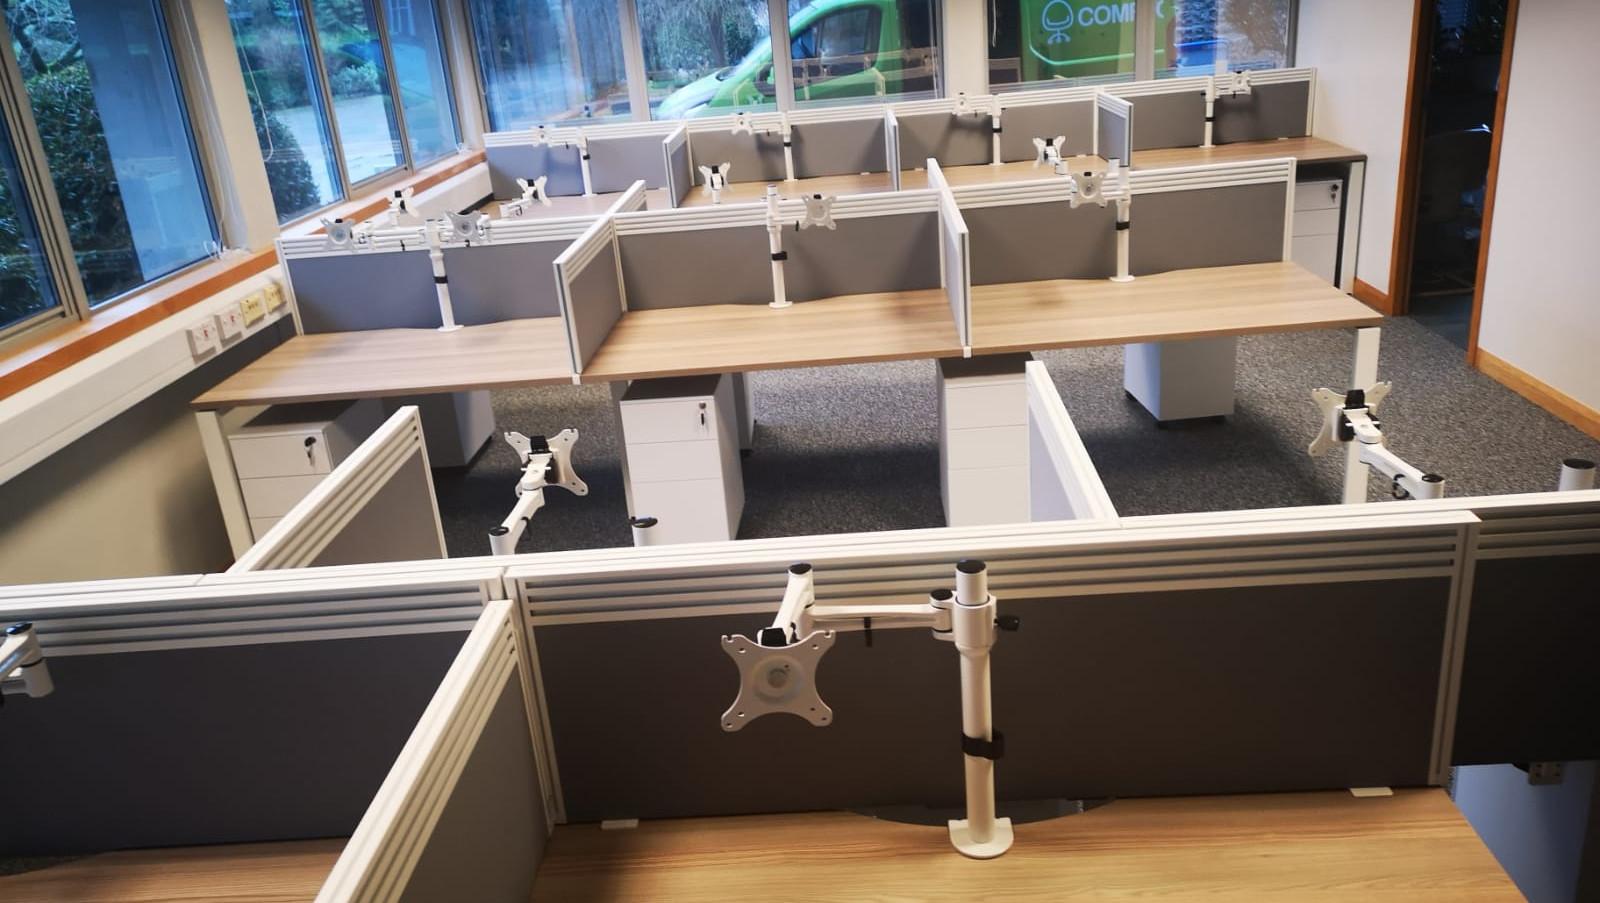 Comfy Office Reading - Desks